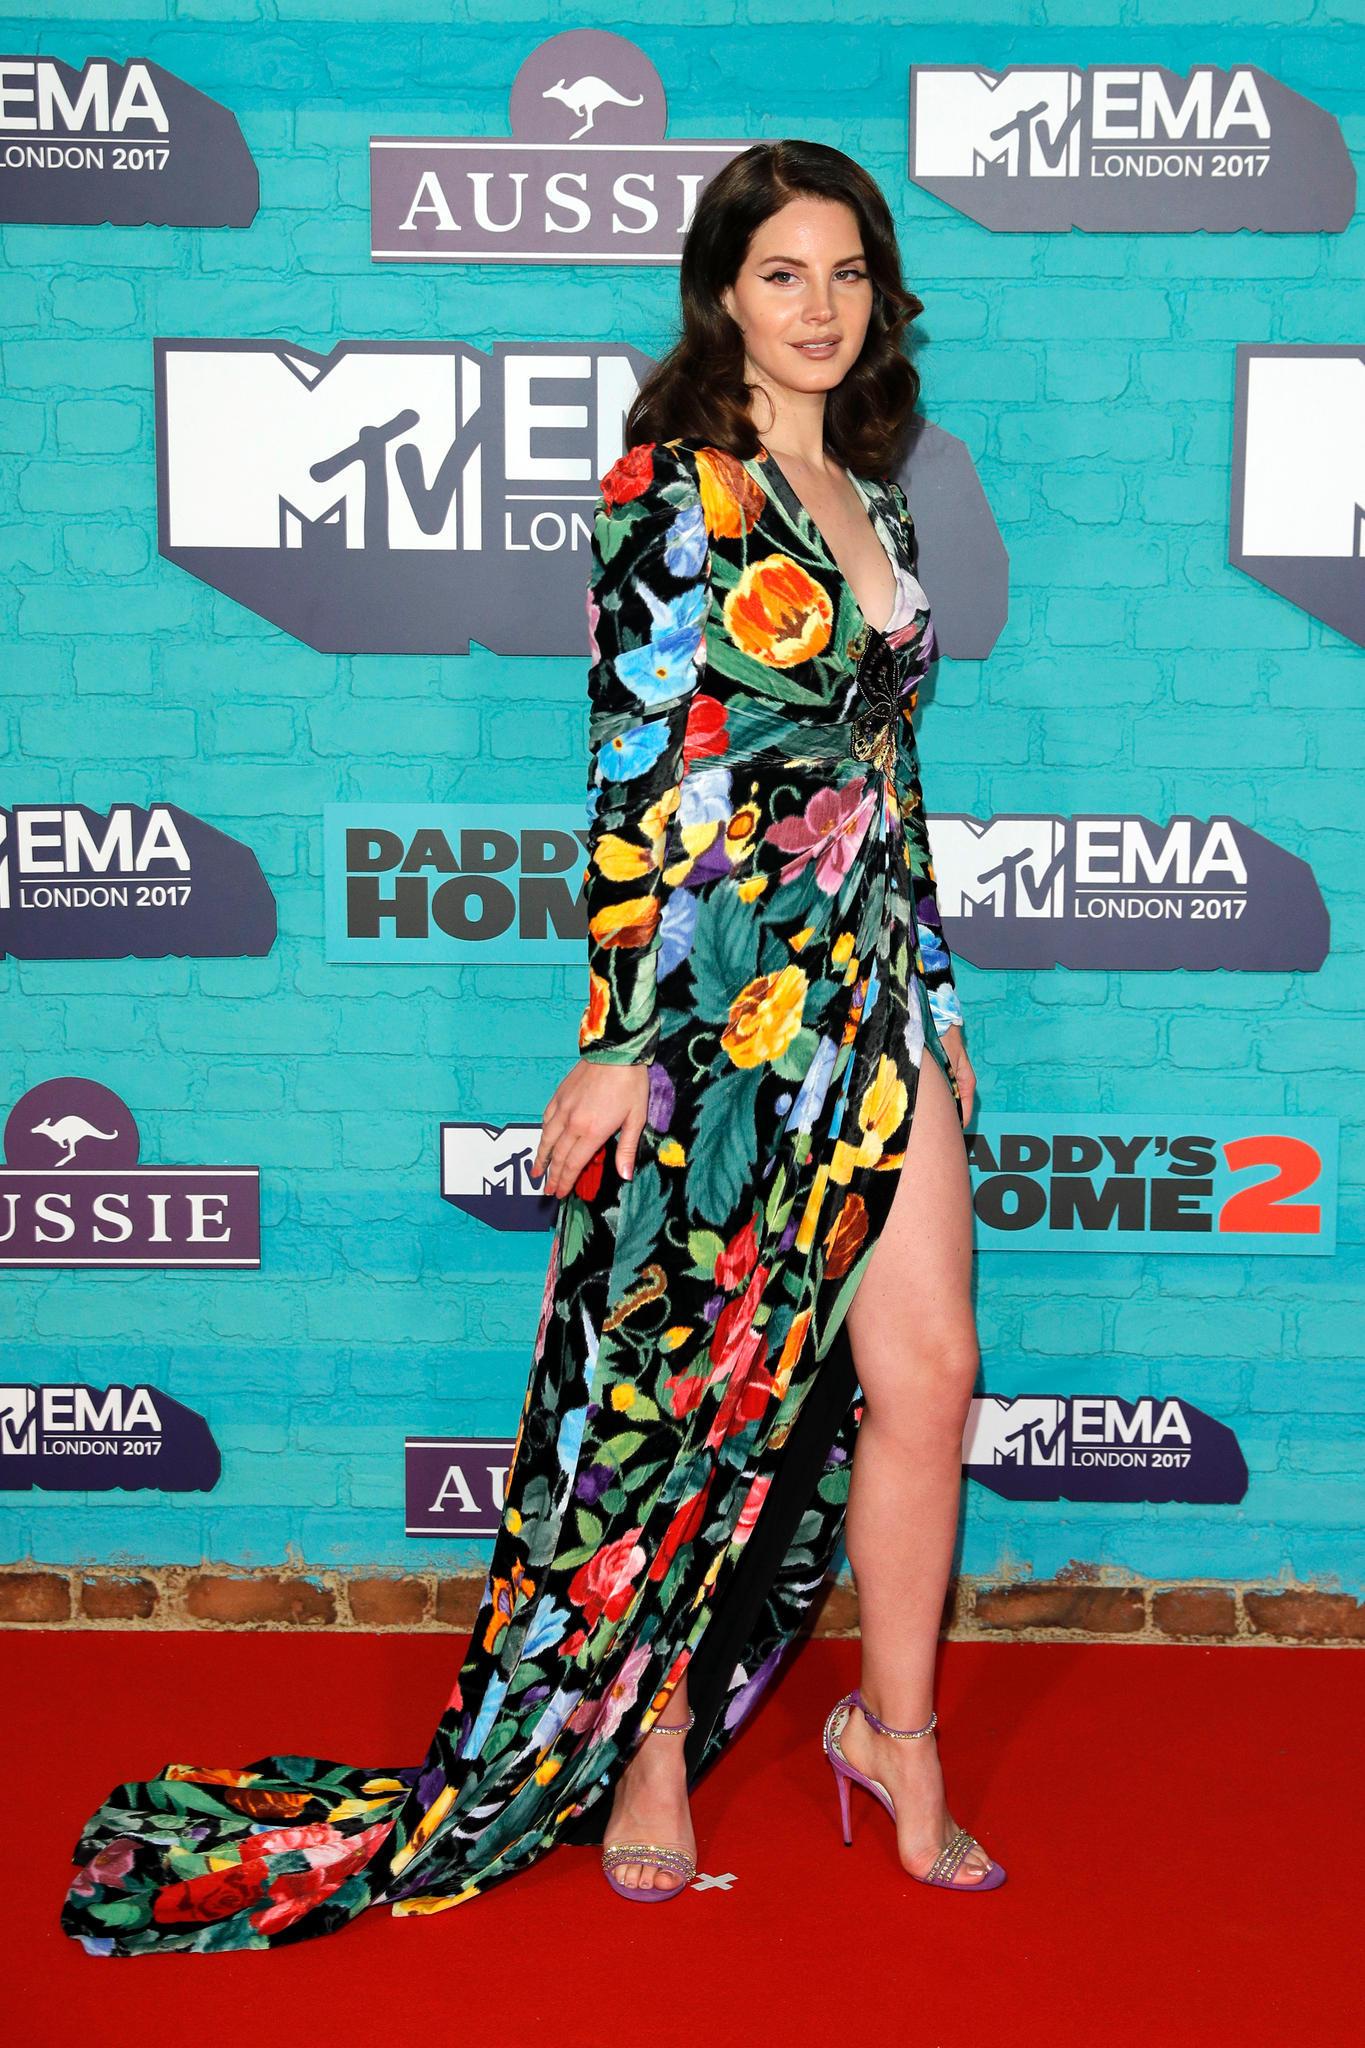 Lana del Rey bei dem EMAs 2017